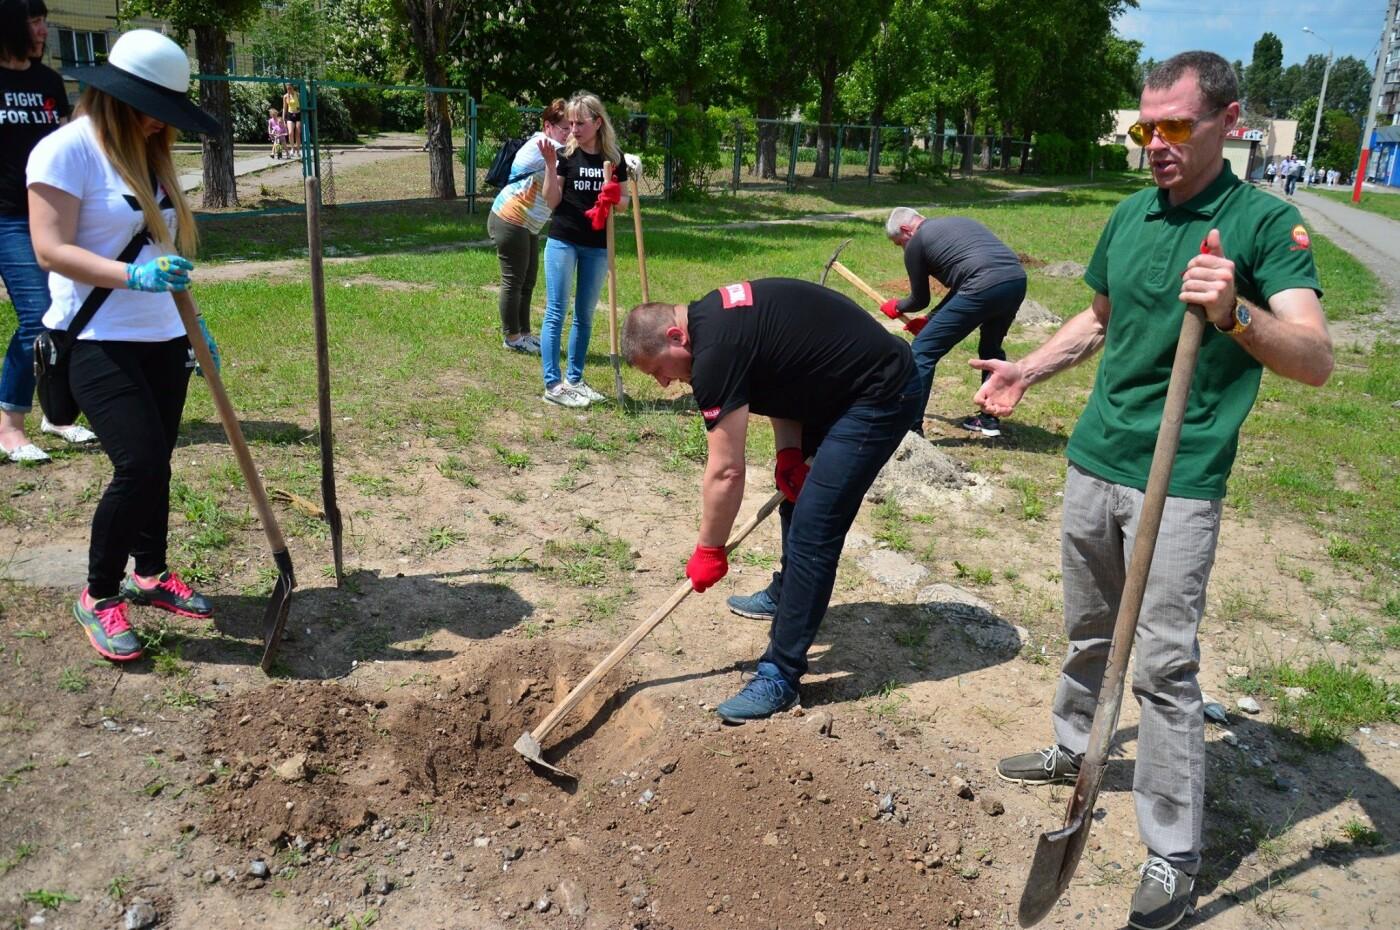 В Кривом Роге появился живой памятник людям, которые умерли из-за СПИДа, - ФОТО , фото-26